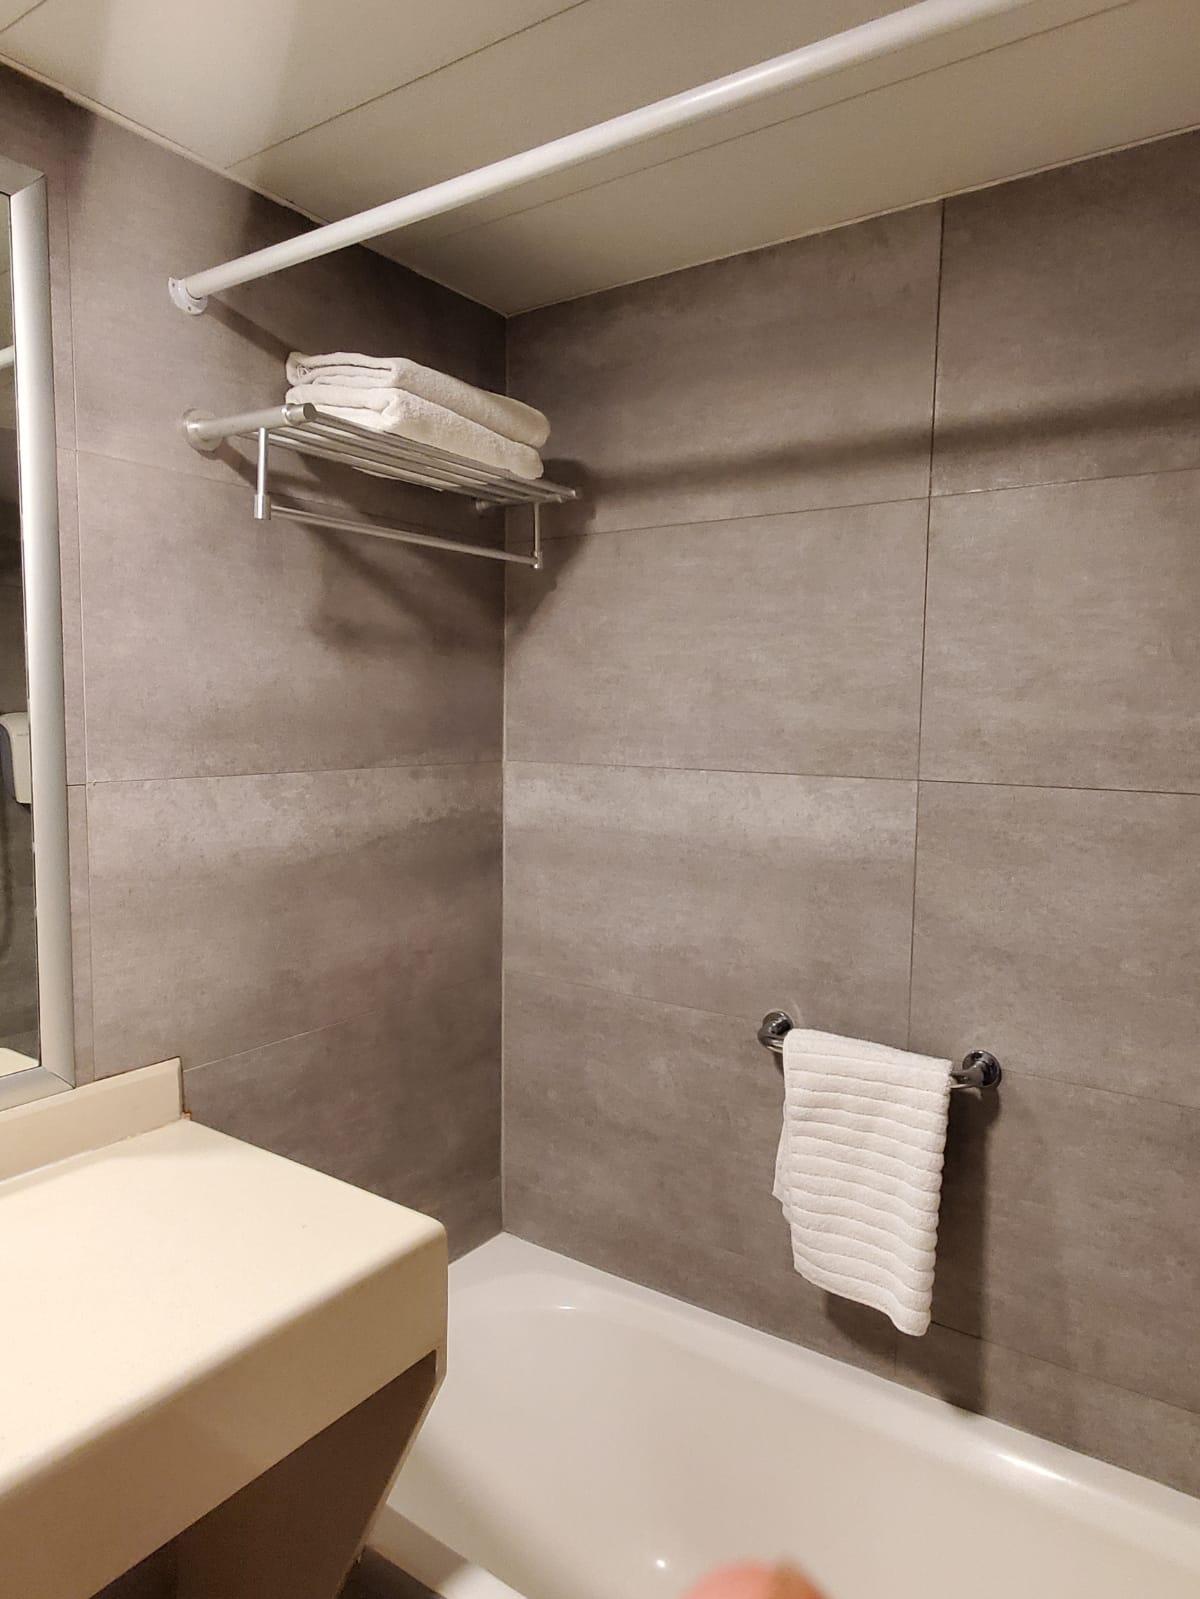 חיפוי למקלחת